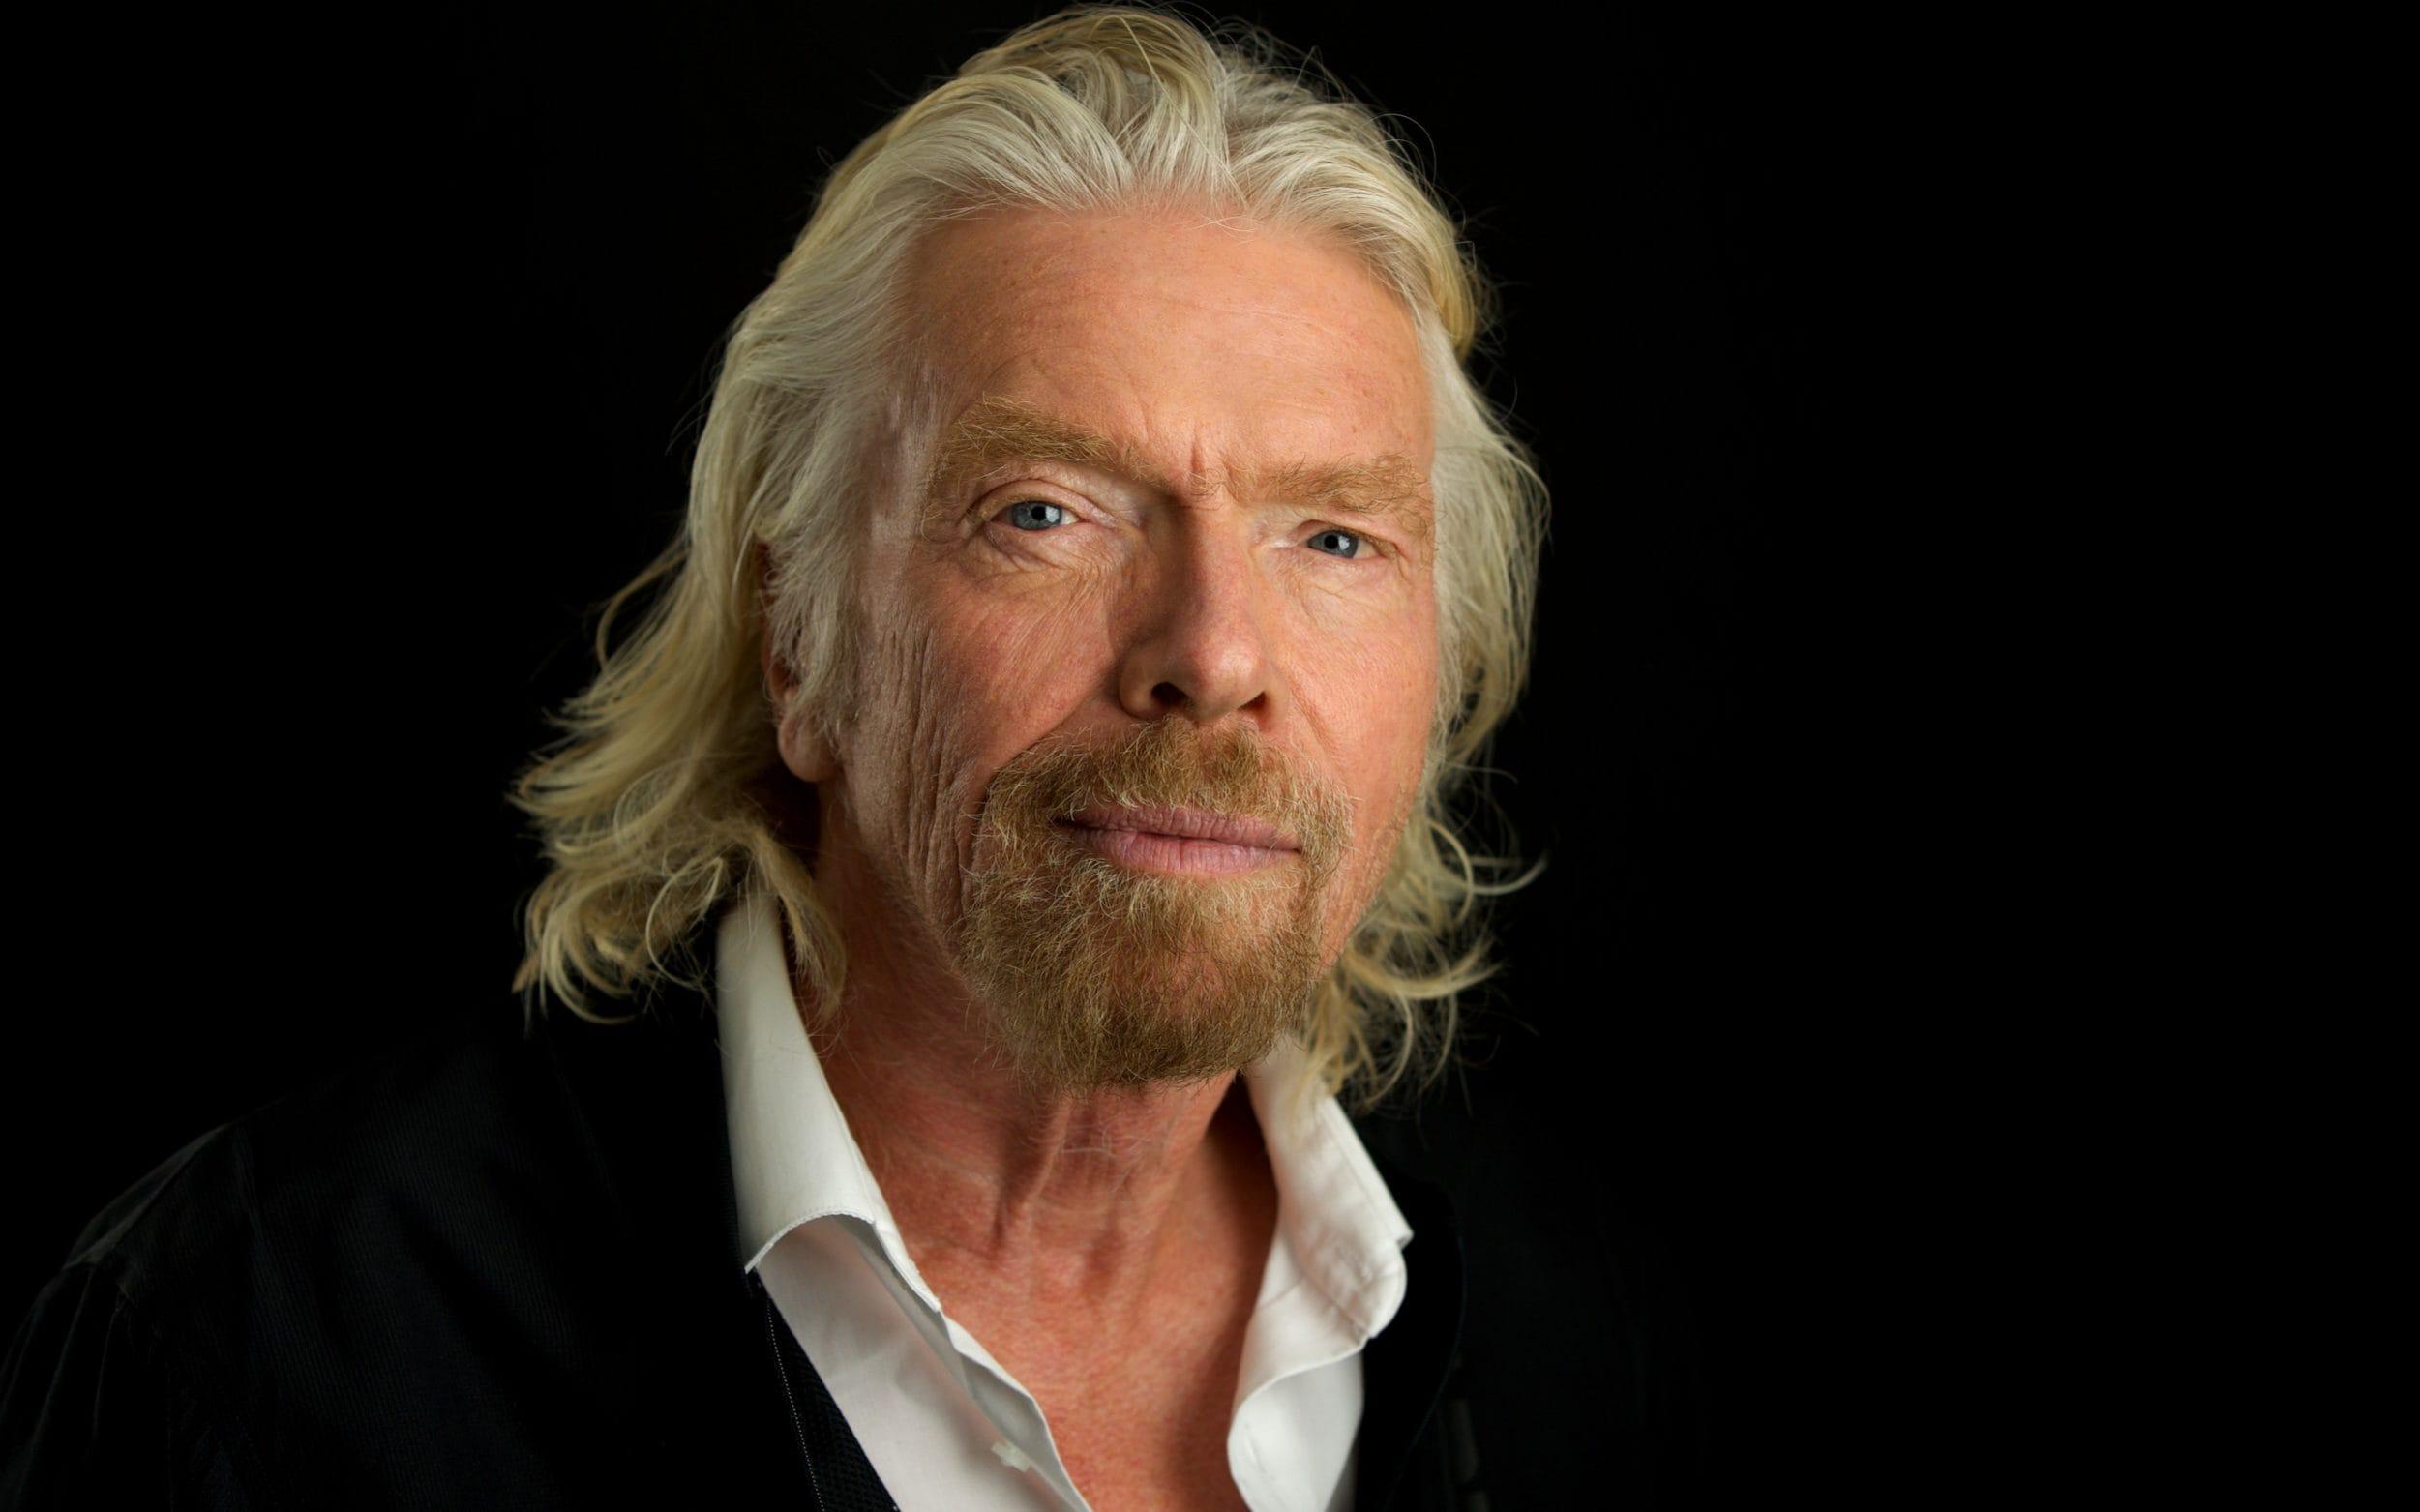 Virgin Group'un kurucusu Richard Branson'un kanatları altında 400'den fazla şirket var.